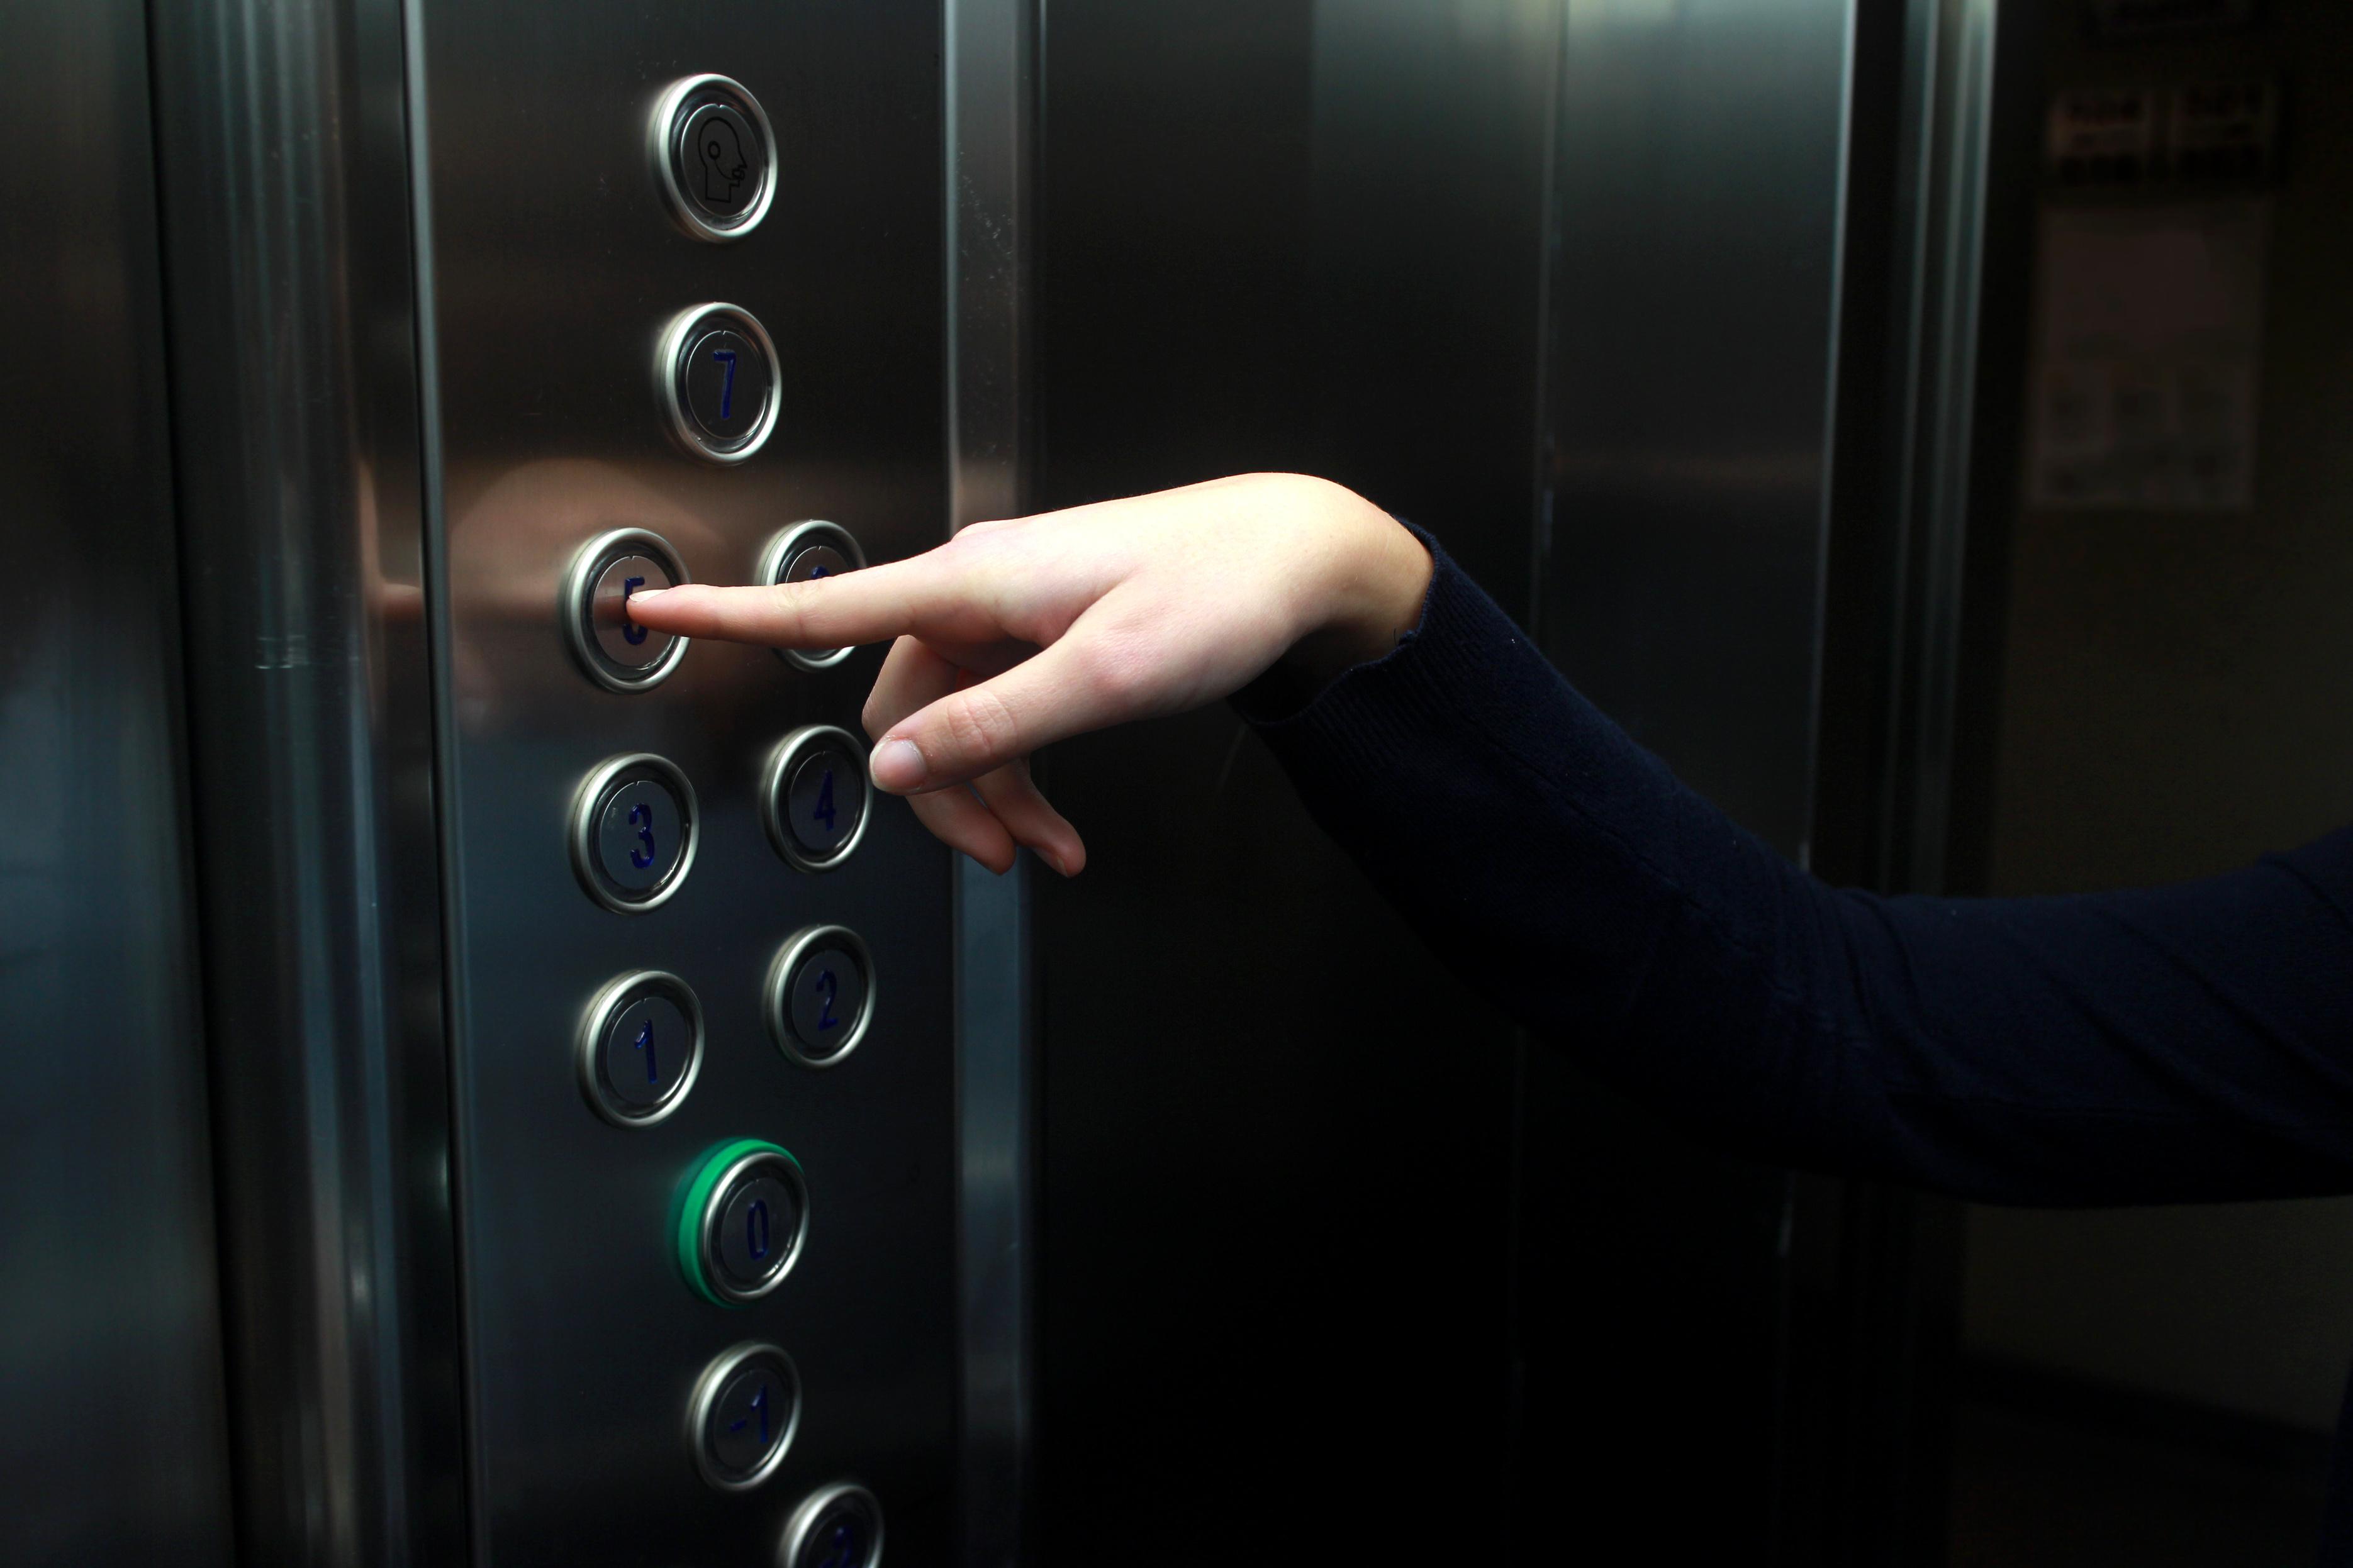 Трахнули зрелую в лифте, Трахнул зрелую в лифте Поебушки. Ком 24 фотография